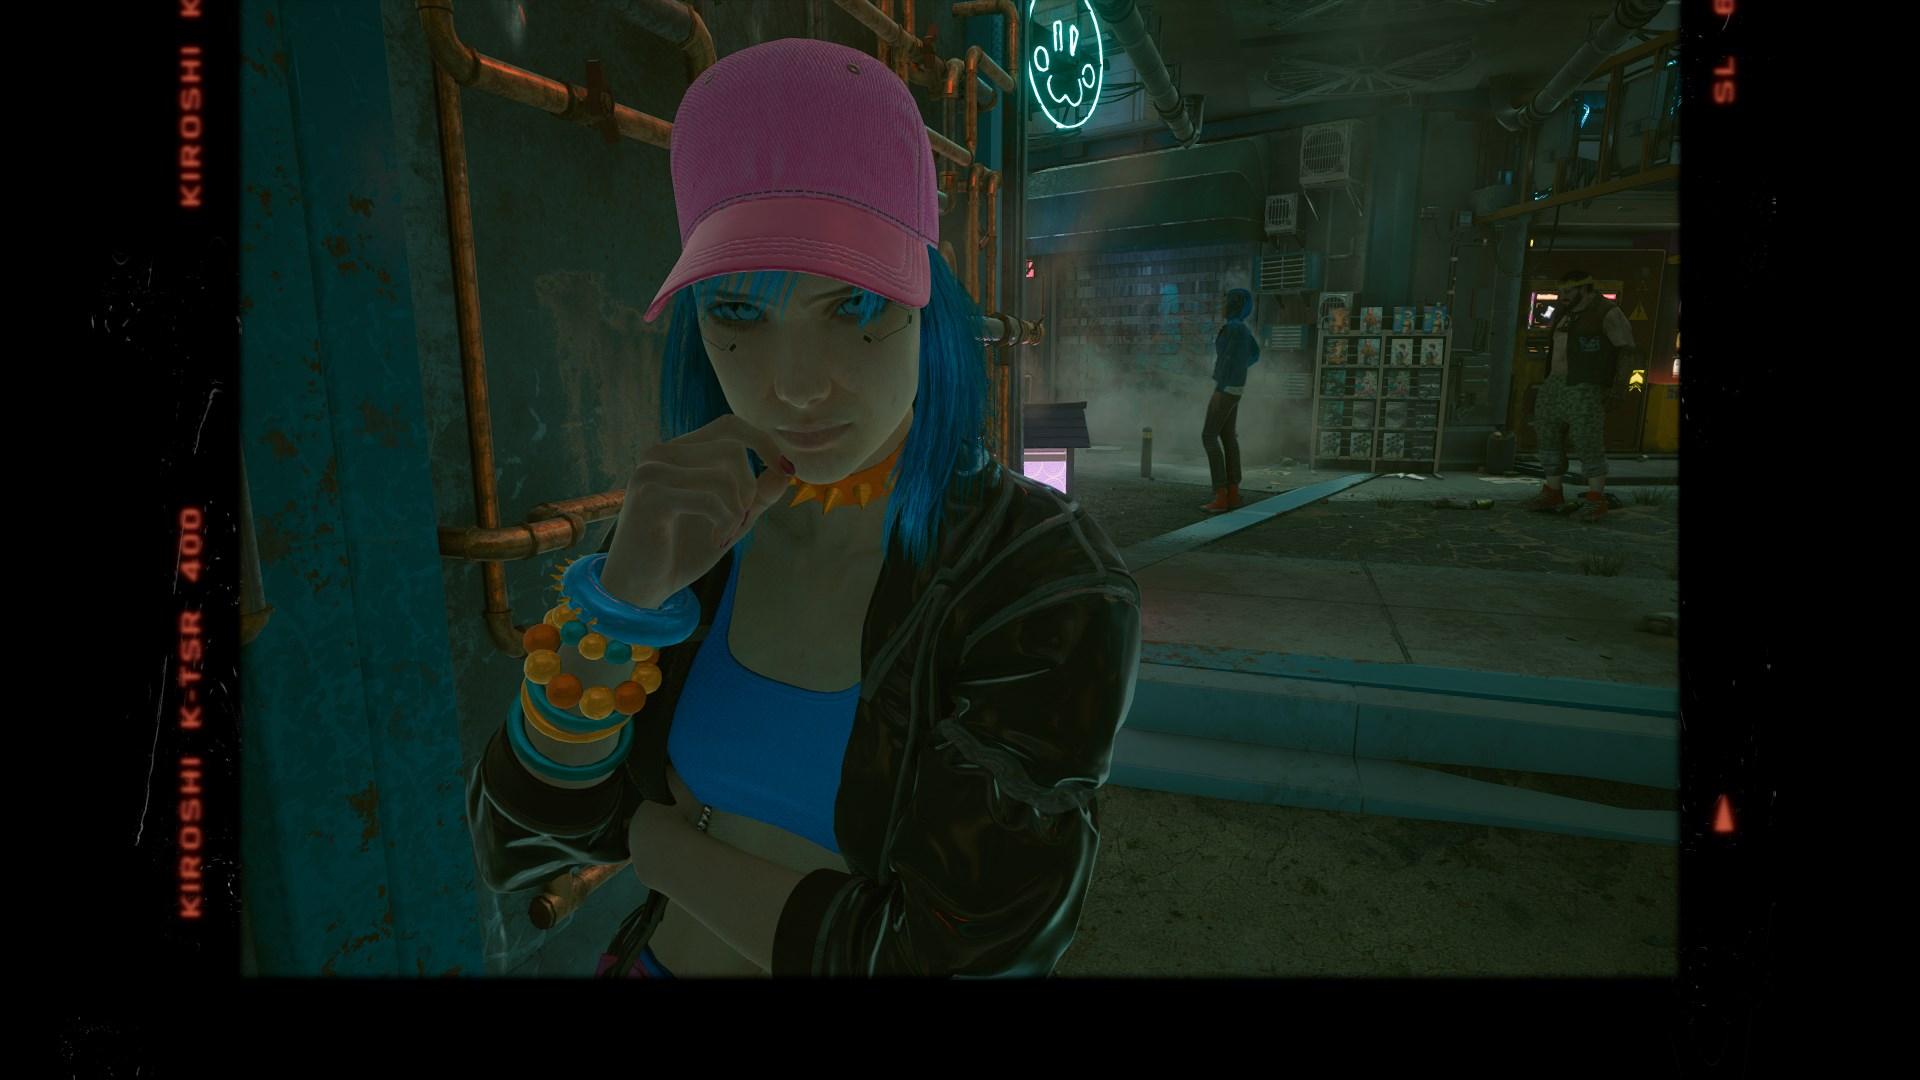 Cyberpunk2077_sHj7yrMhQF.jpg